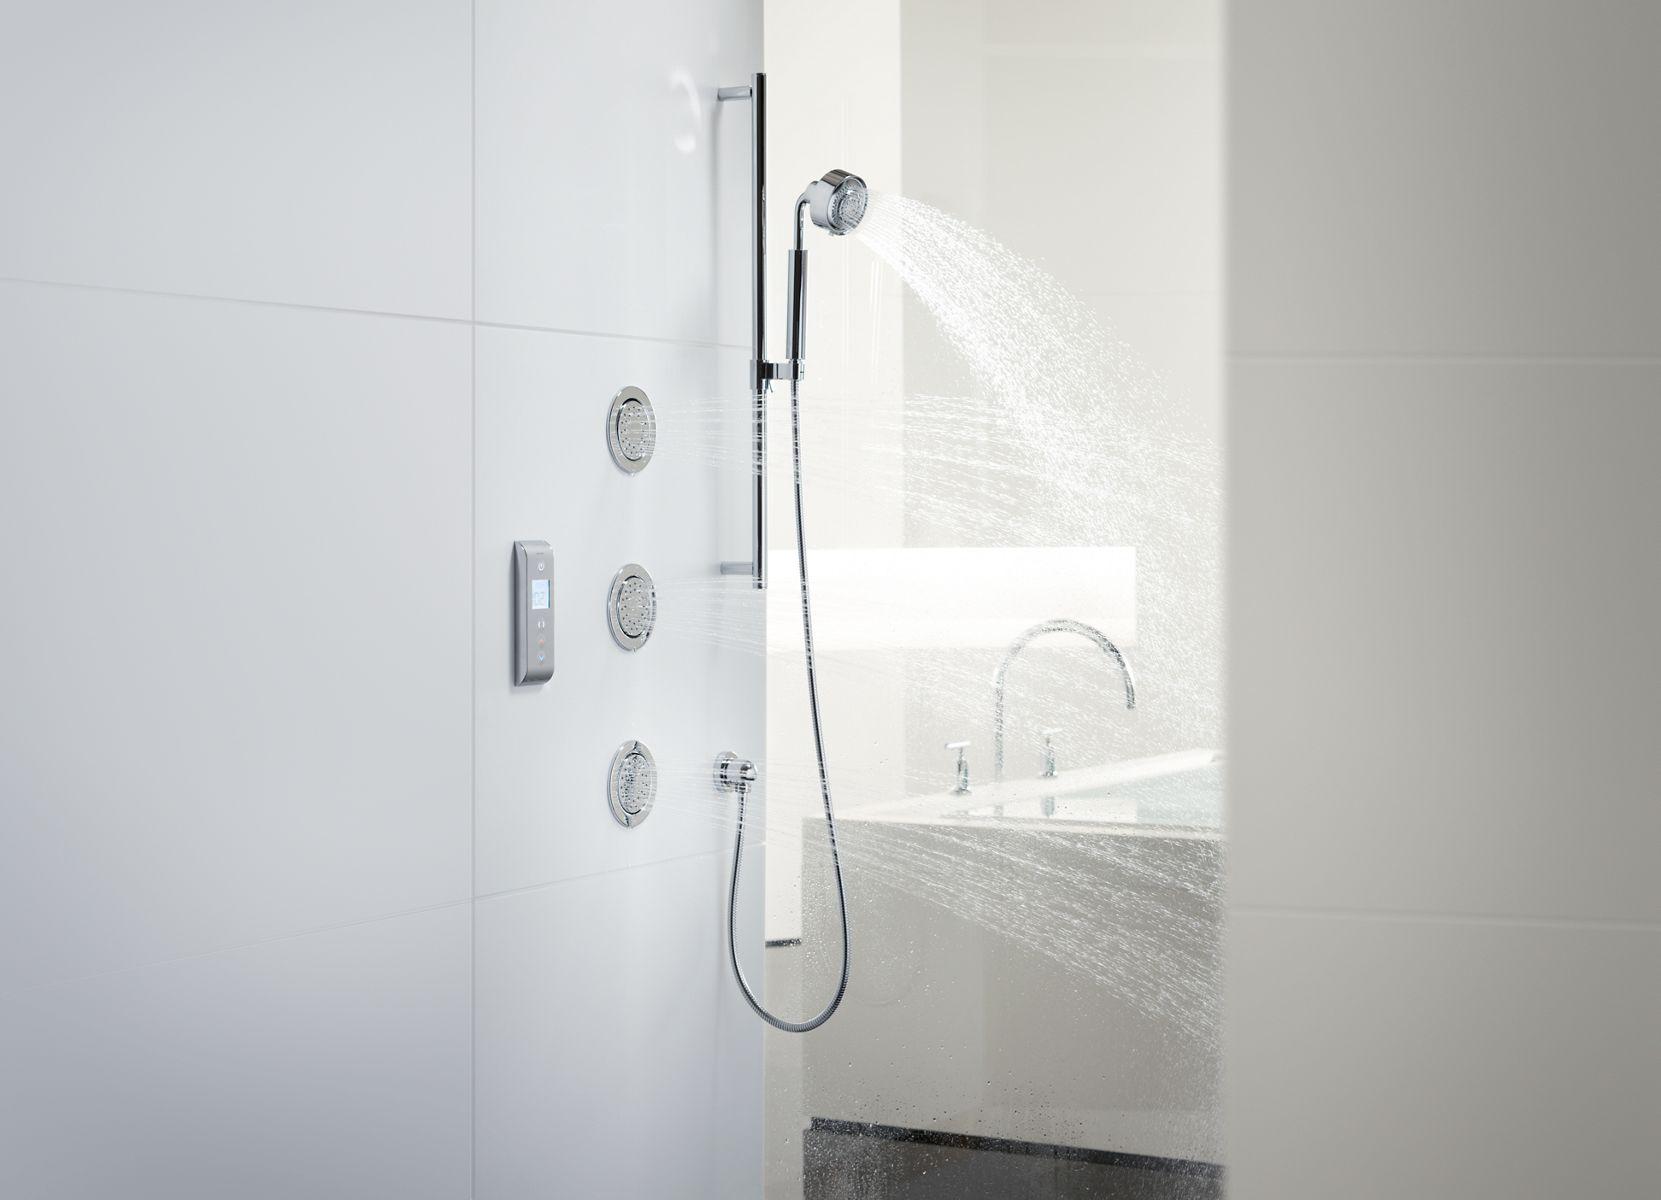 dtv prompt digital showering system rh us kohler com kohler dtv service manual